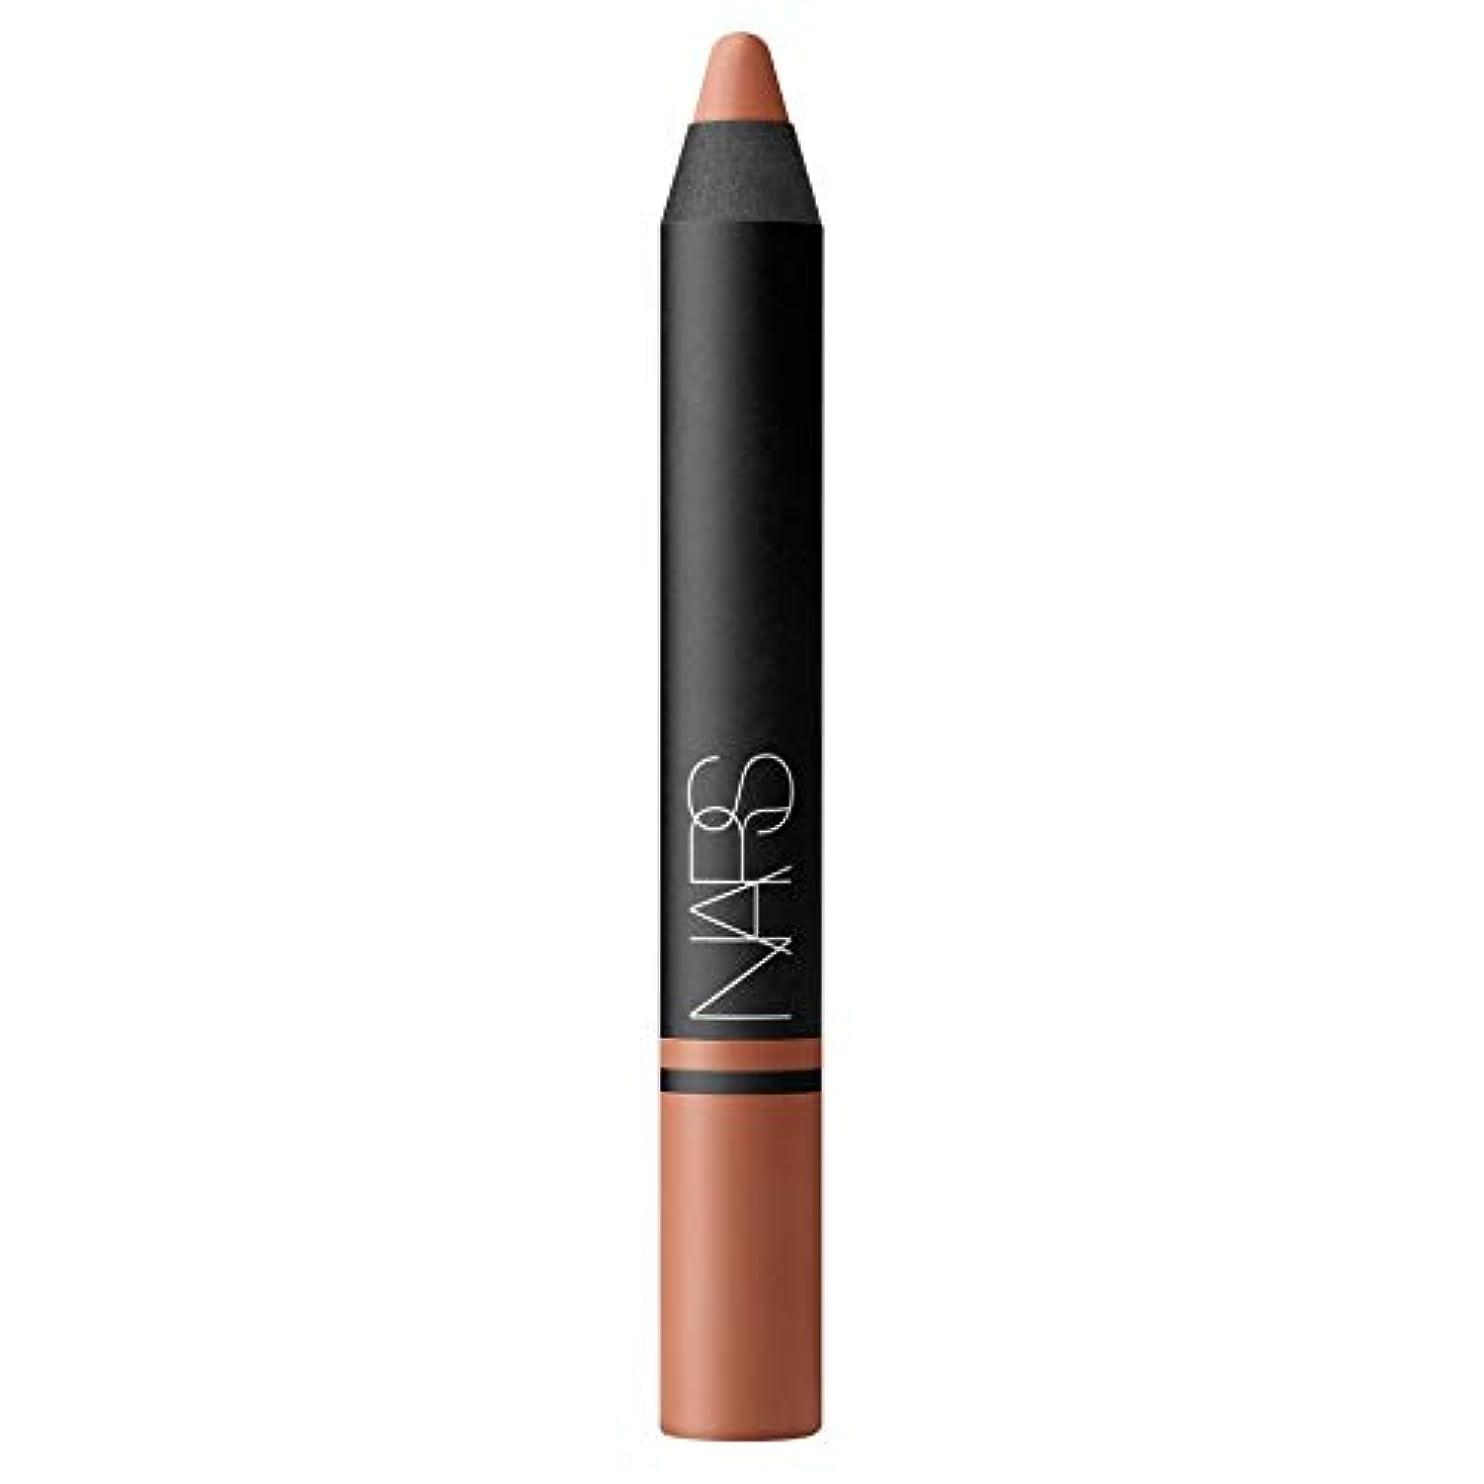 性格防止製造業[NARS] ベッラ島でのNarサテンリップペンシル - Nars Satin Lip Pencil in Isola Bella [並行輸入品]